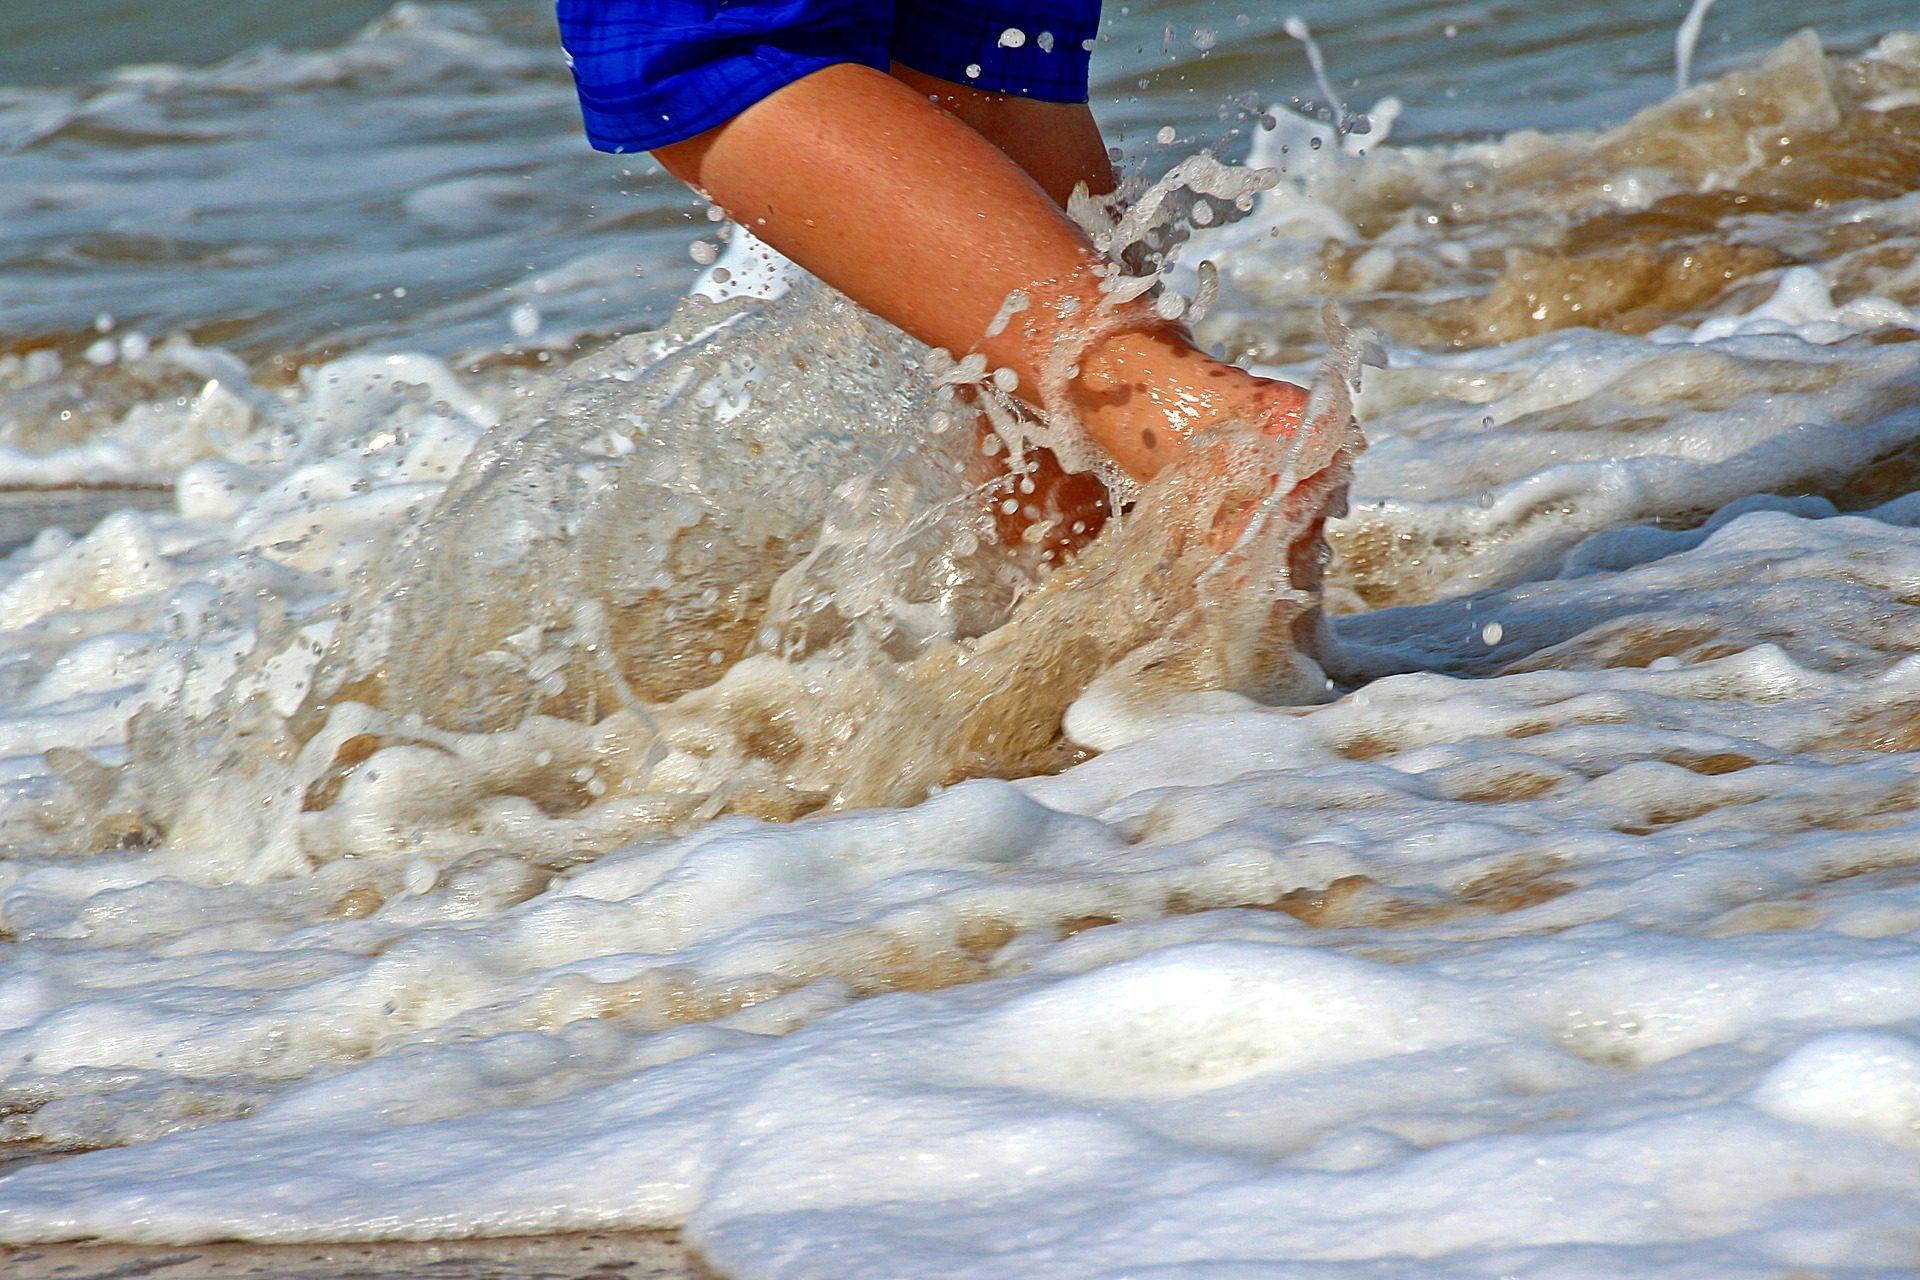 eau, vagues, rive, Plage, jambes, mousse - Fonds d'écran HD - Professor-falken.com